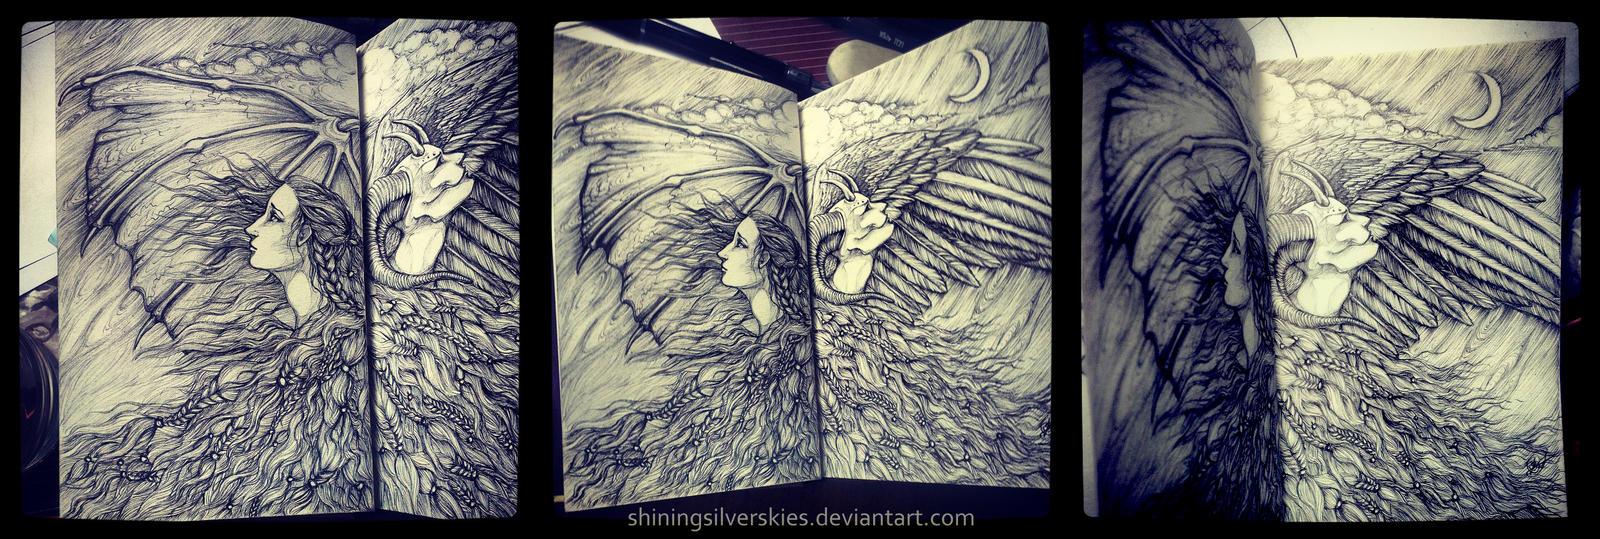 Inner demon by shiningsilverskies